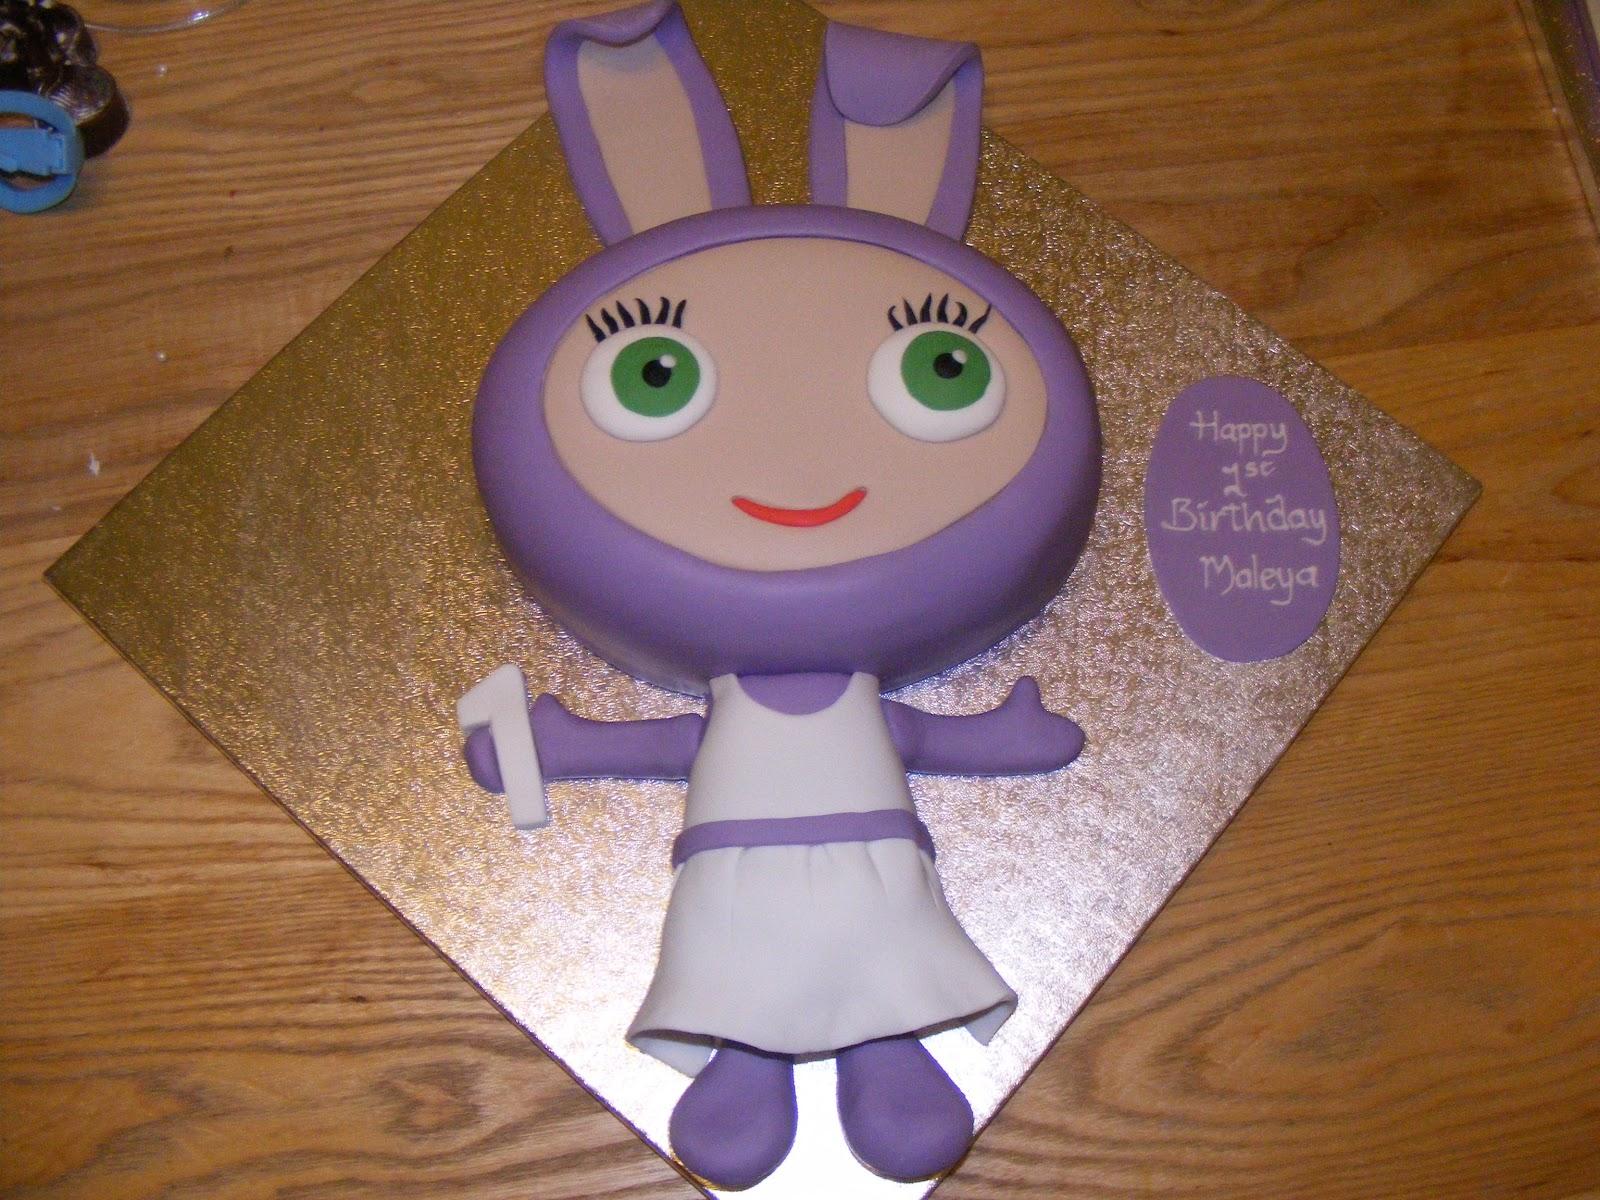 Cakes By Karen Lau Lau Waybuloo Cake